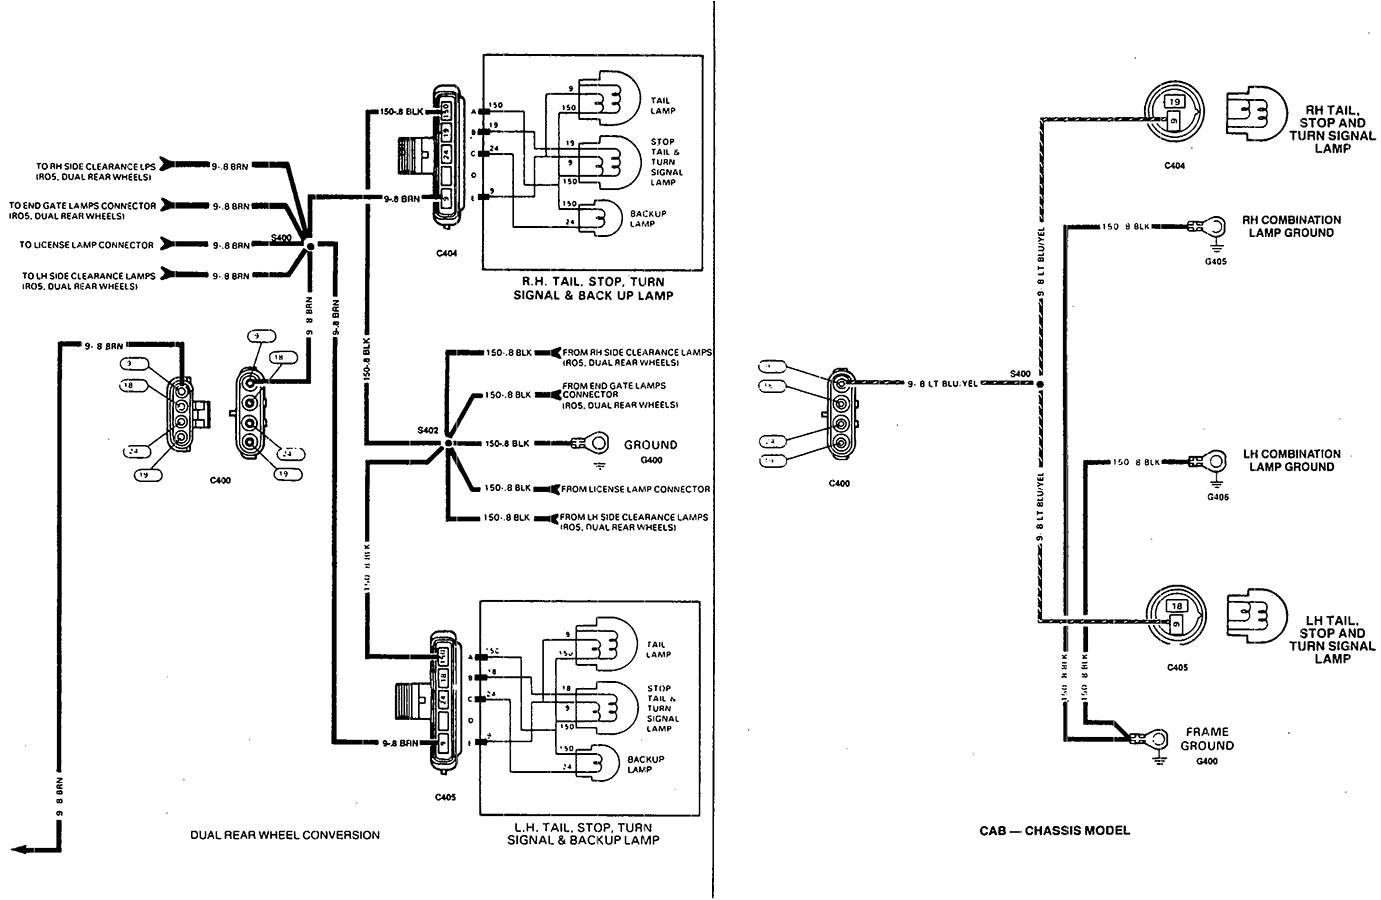 1994 corvette tail light wiring diagram data schematic diagram 1994 corvette tail light wiring diagram wiring